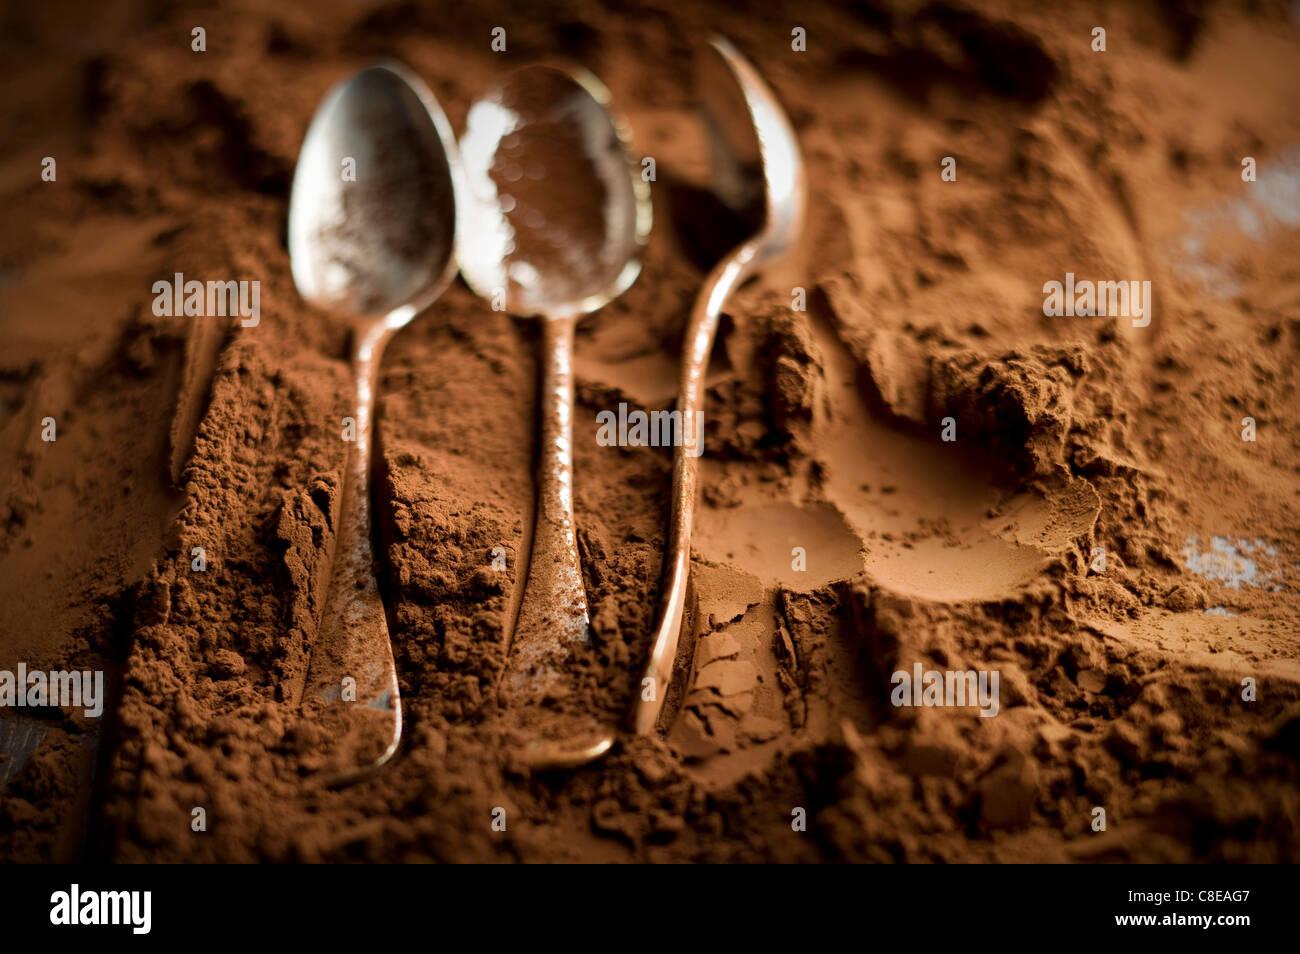 Las cucharas y chocolate en polvo Imagen De Stock